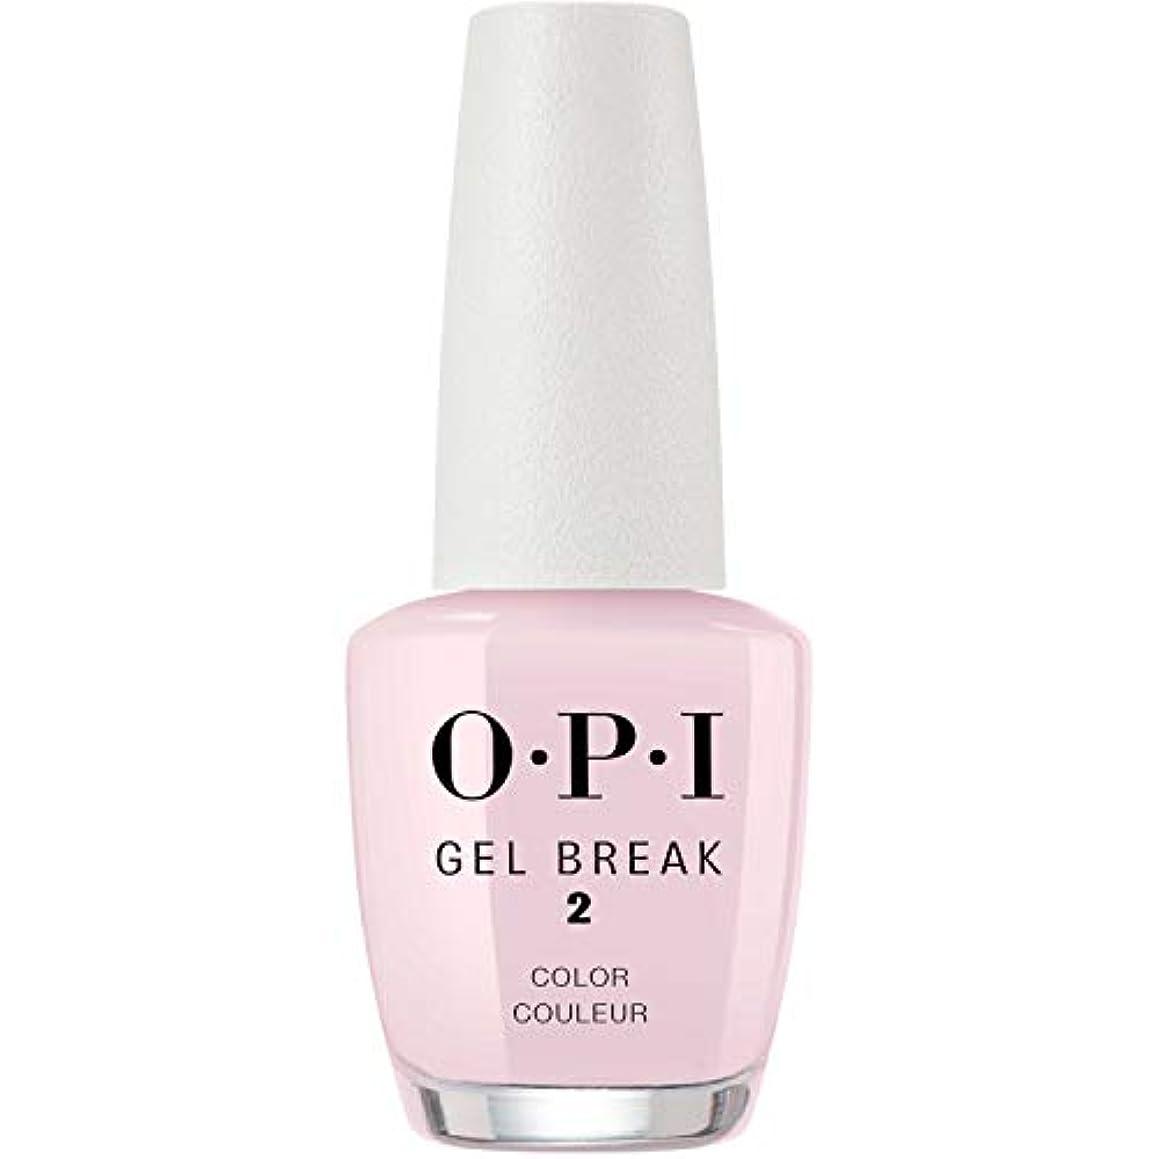 ドット不安定自宅でOPI(オーピーアイ) ジェルブレイク NTR03 プロパリー ピンク